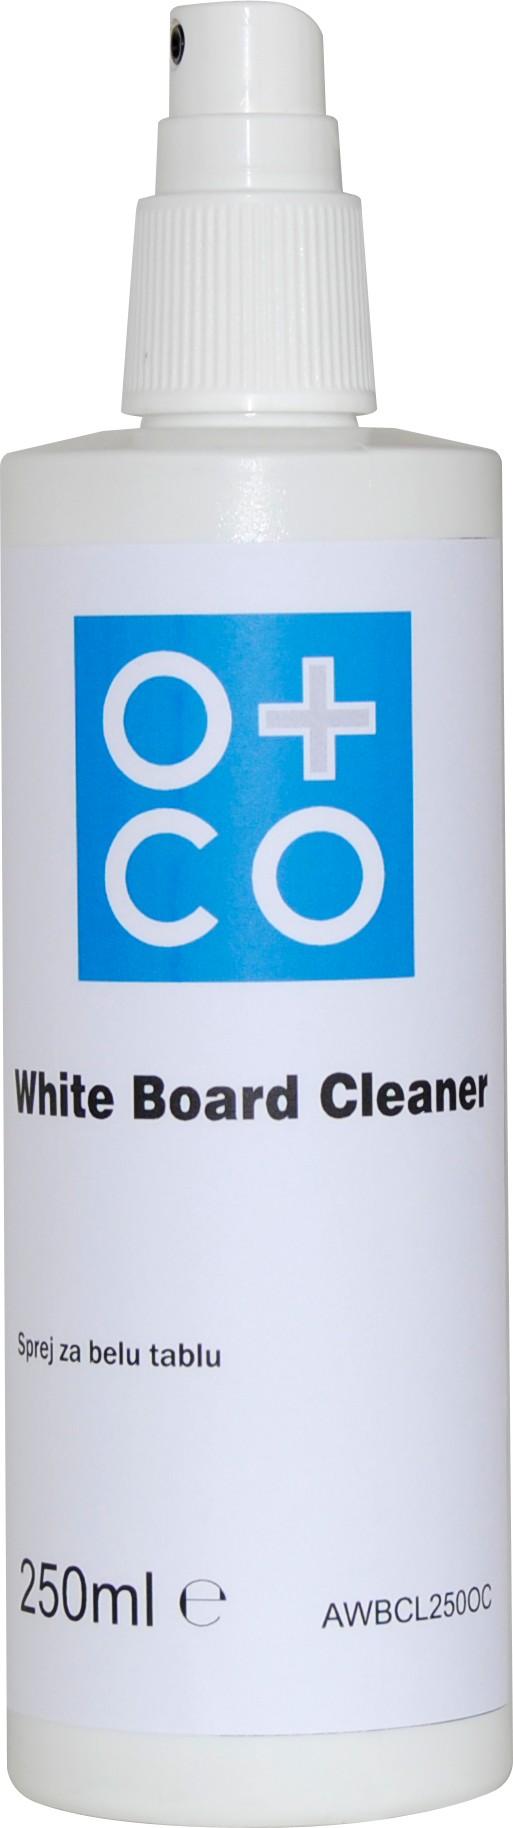 Sprej za čišćenje belih tabli O+CO